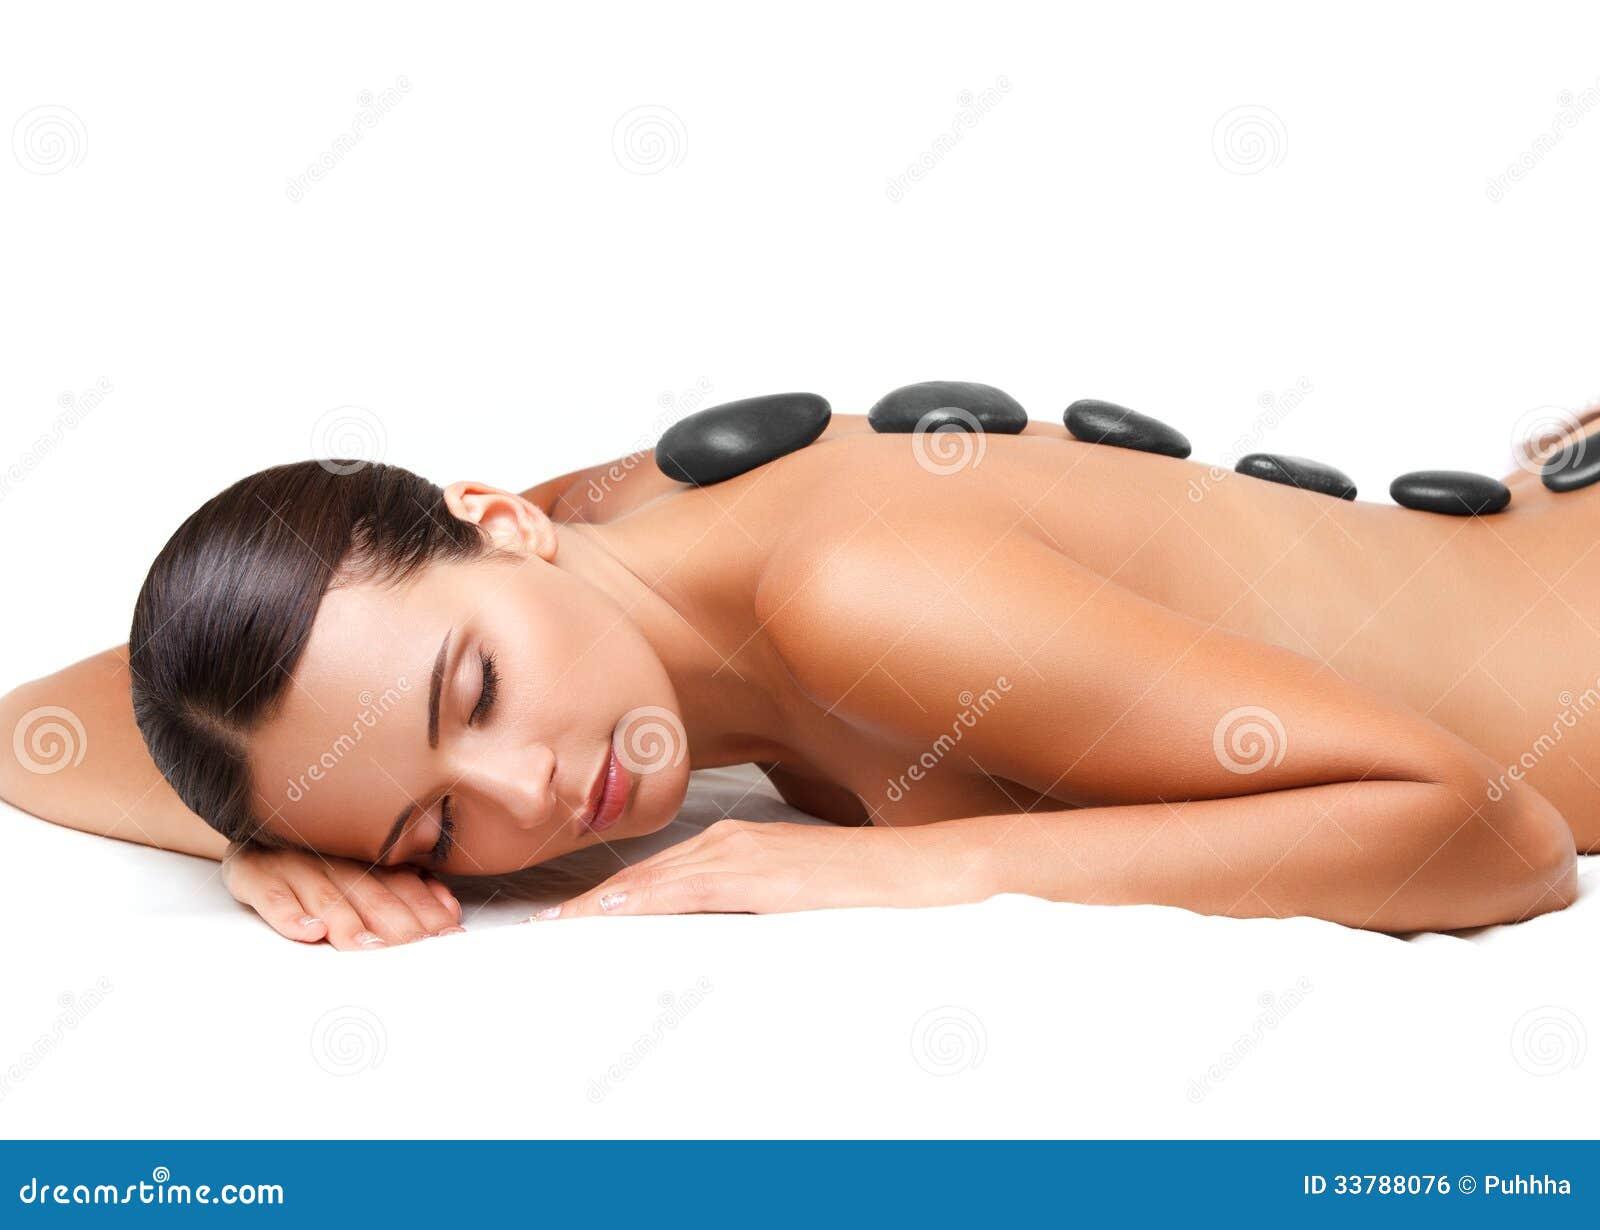 sexy Asia women porn